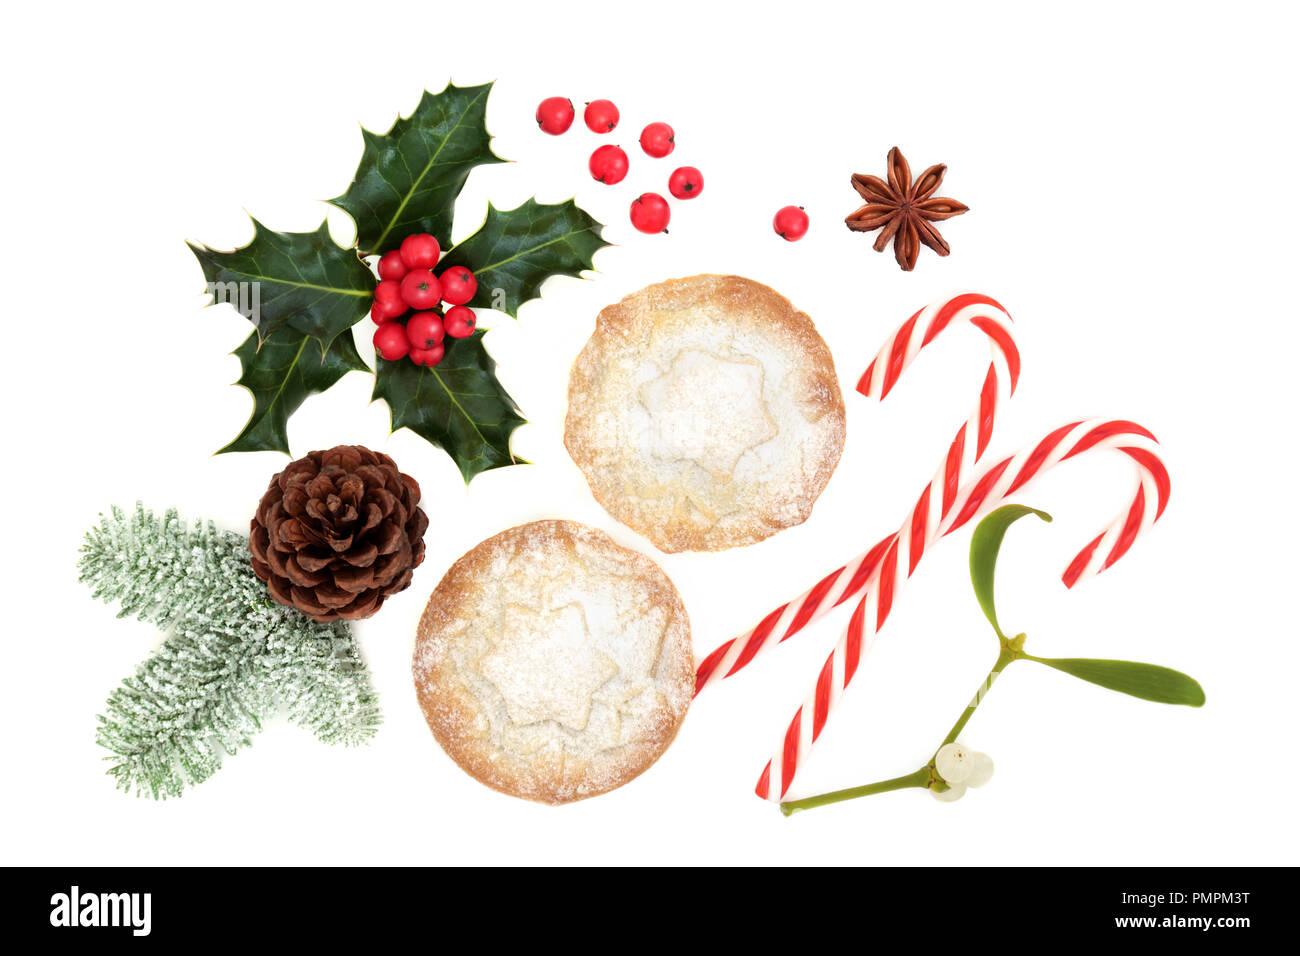 Weihnachten Symbole mit Hackfleisch Torte Torten, winter Flora von Holly, schneebedeckte Tanne, Pine Cone, Zuckerstangen und Sternanis auf weißem Hintergrund. Ansicht von oben. Stockbild